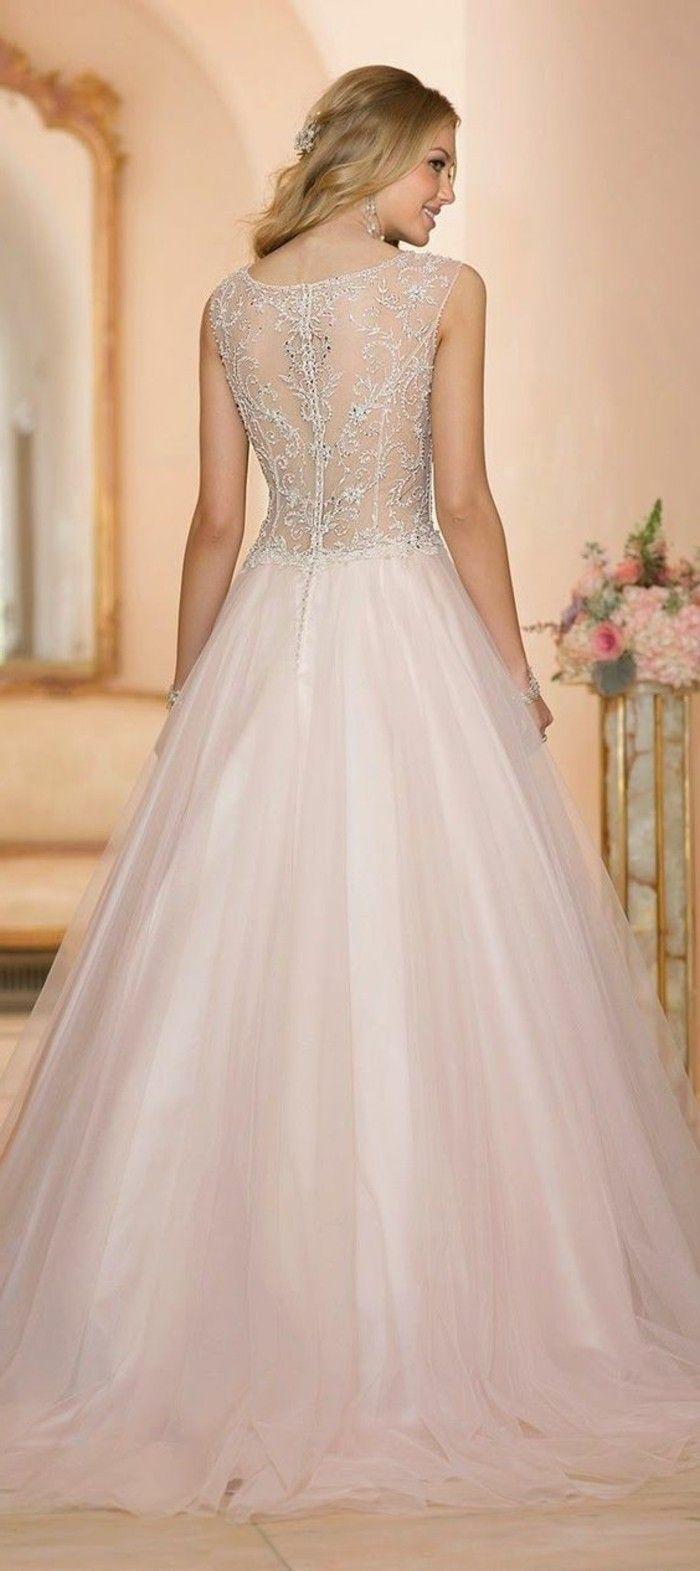 brautkleid farbig vintage prinzessin   Hochzeit Kleider   Pinterest